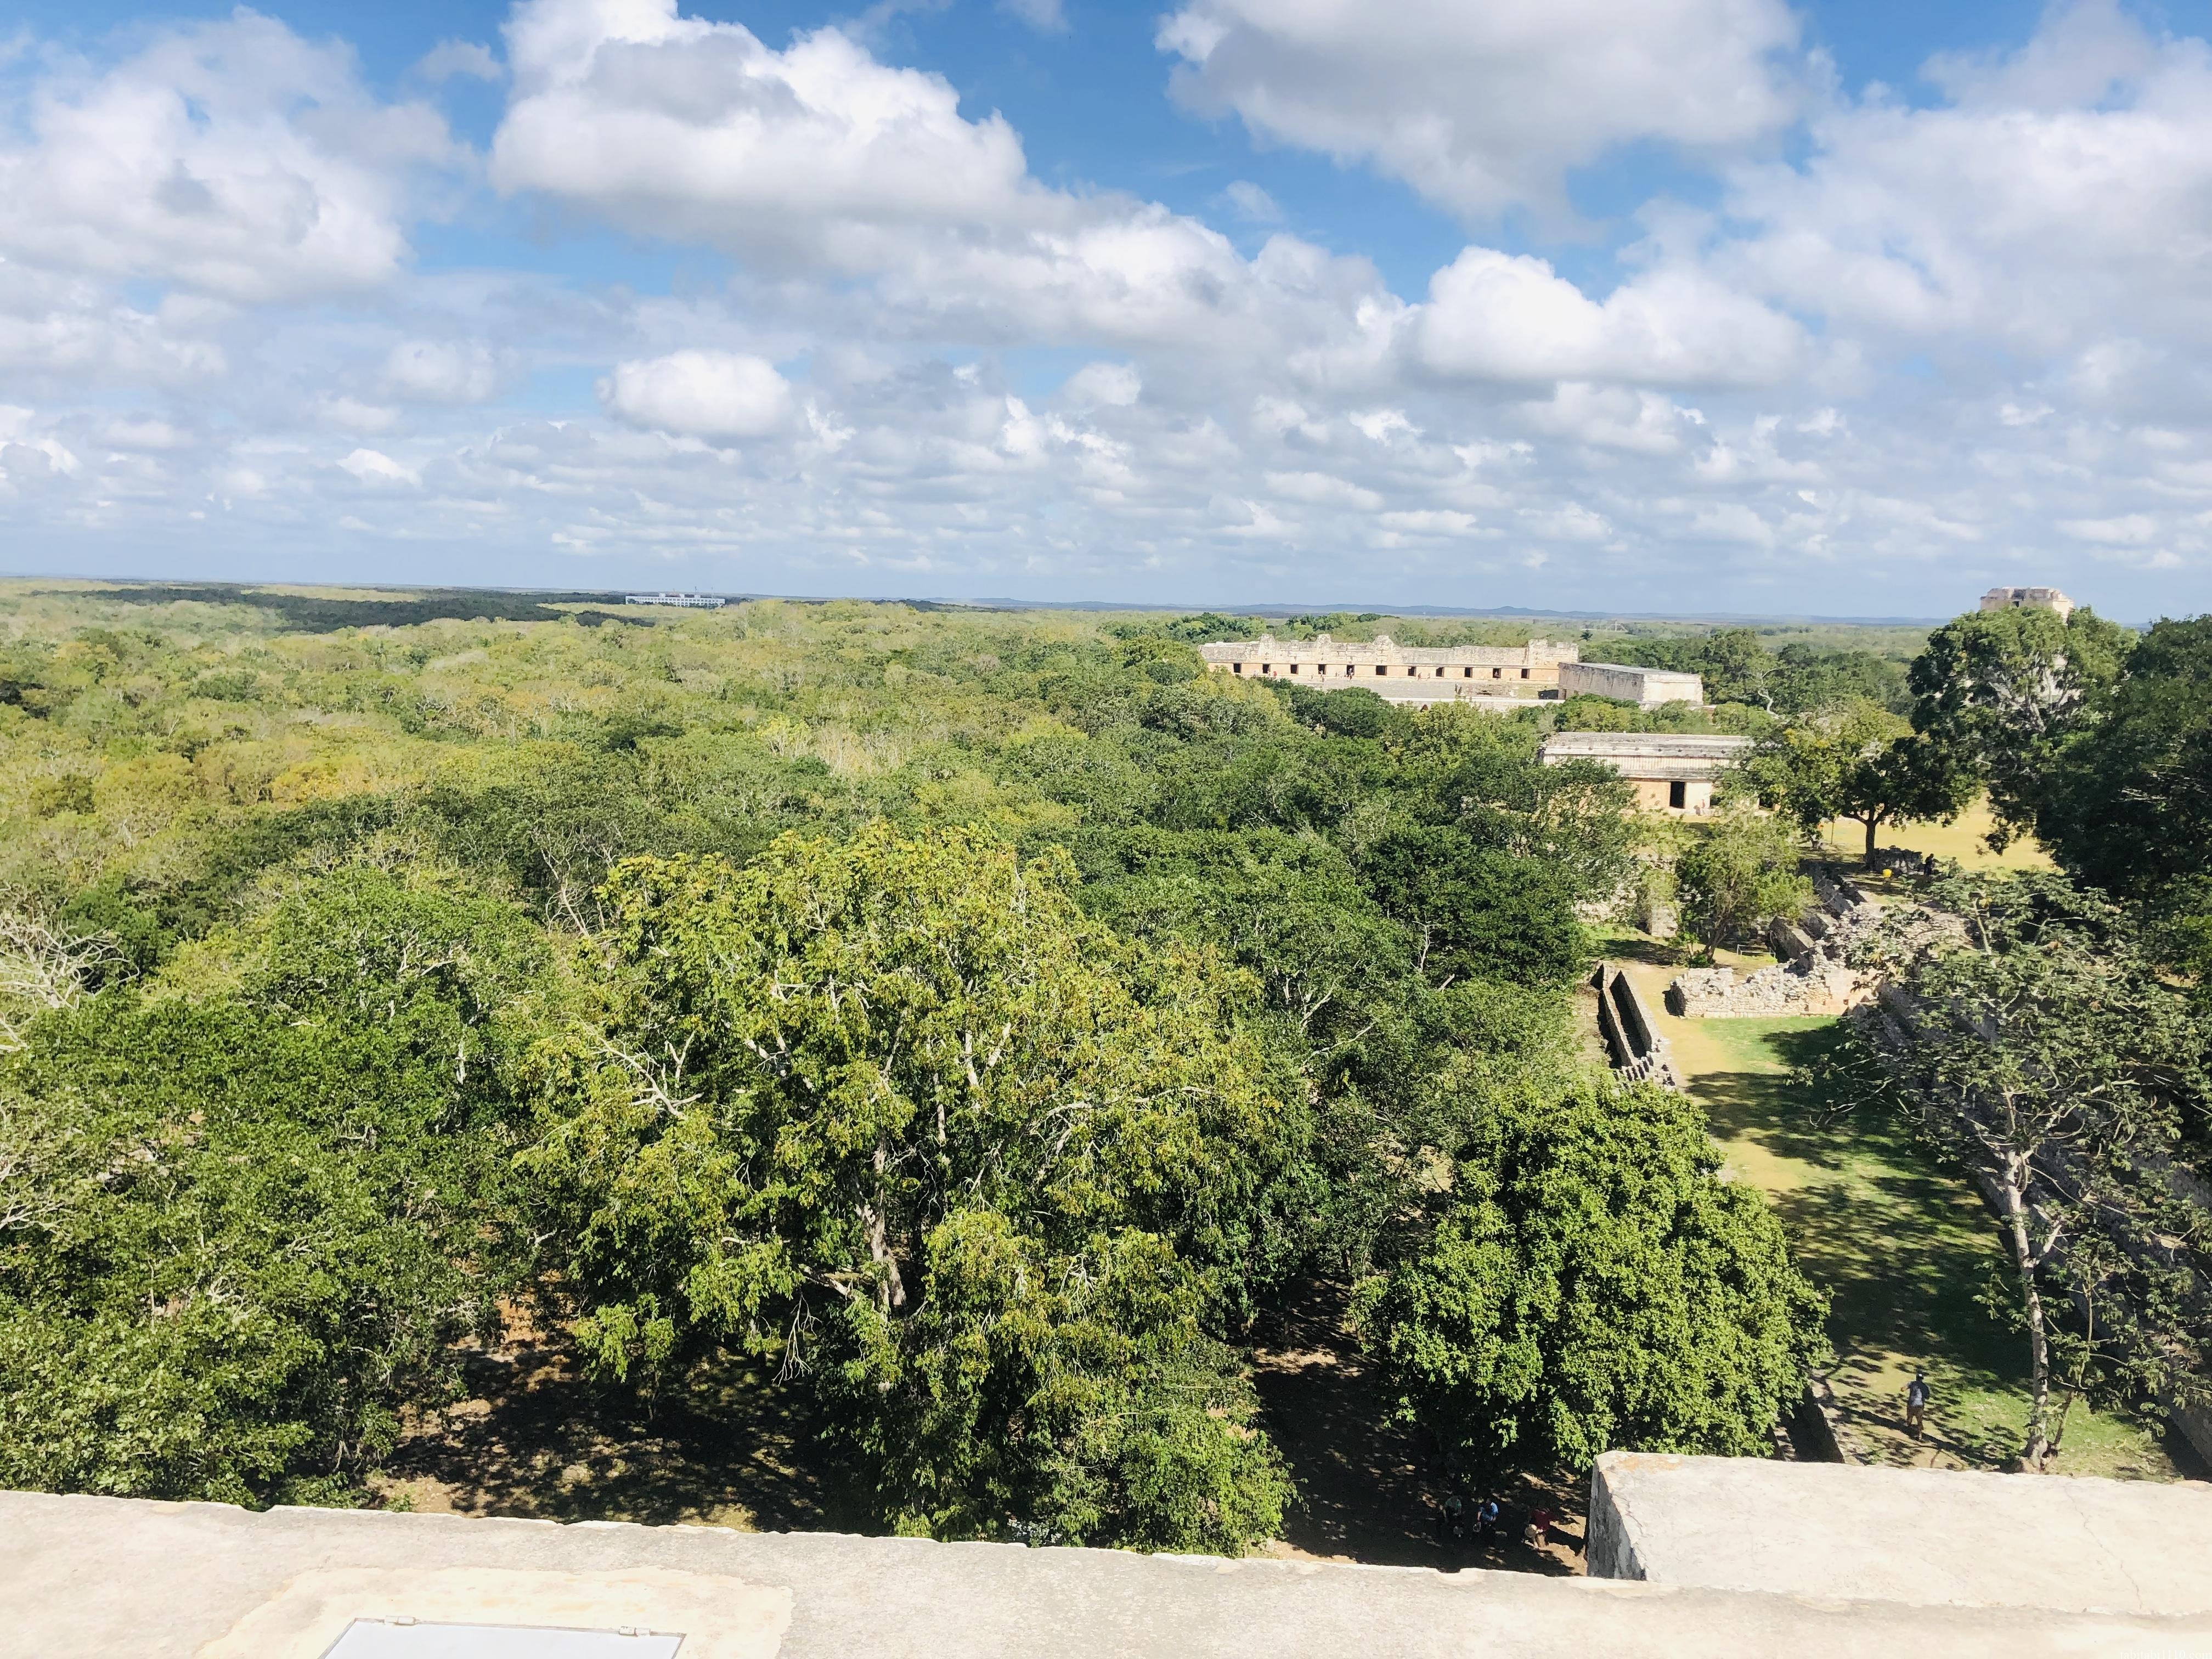 ウシュマル遺跡|グランピラミッドからの景色